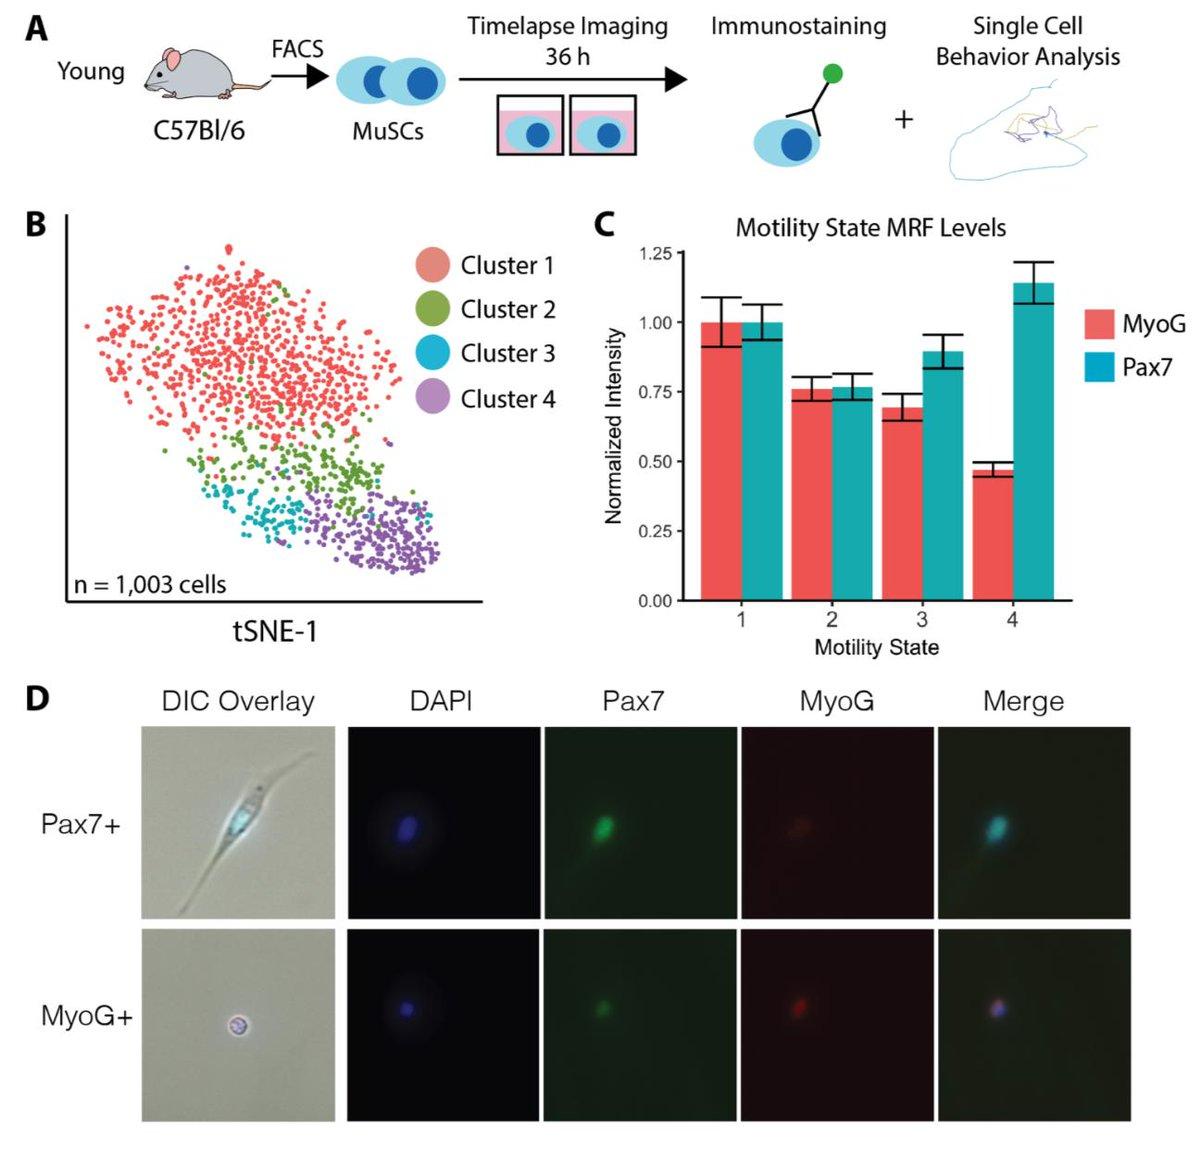 Cell behaviors paired to immunohistochemistry.